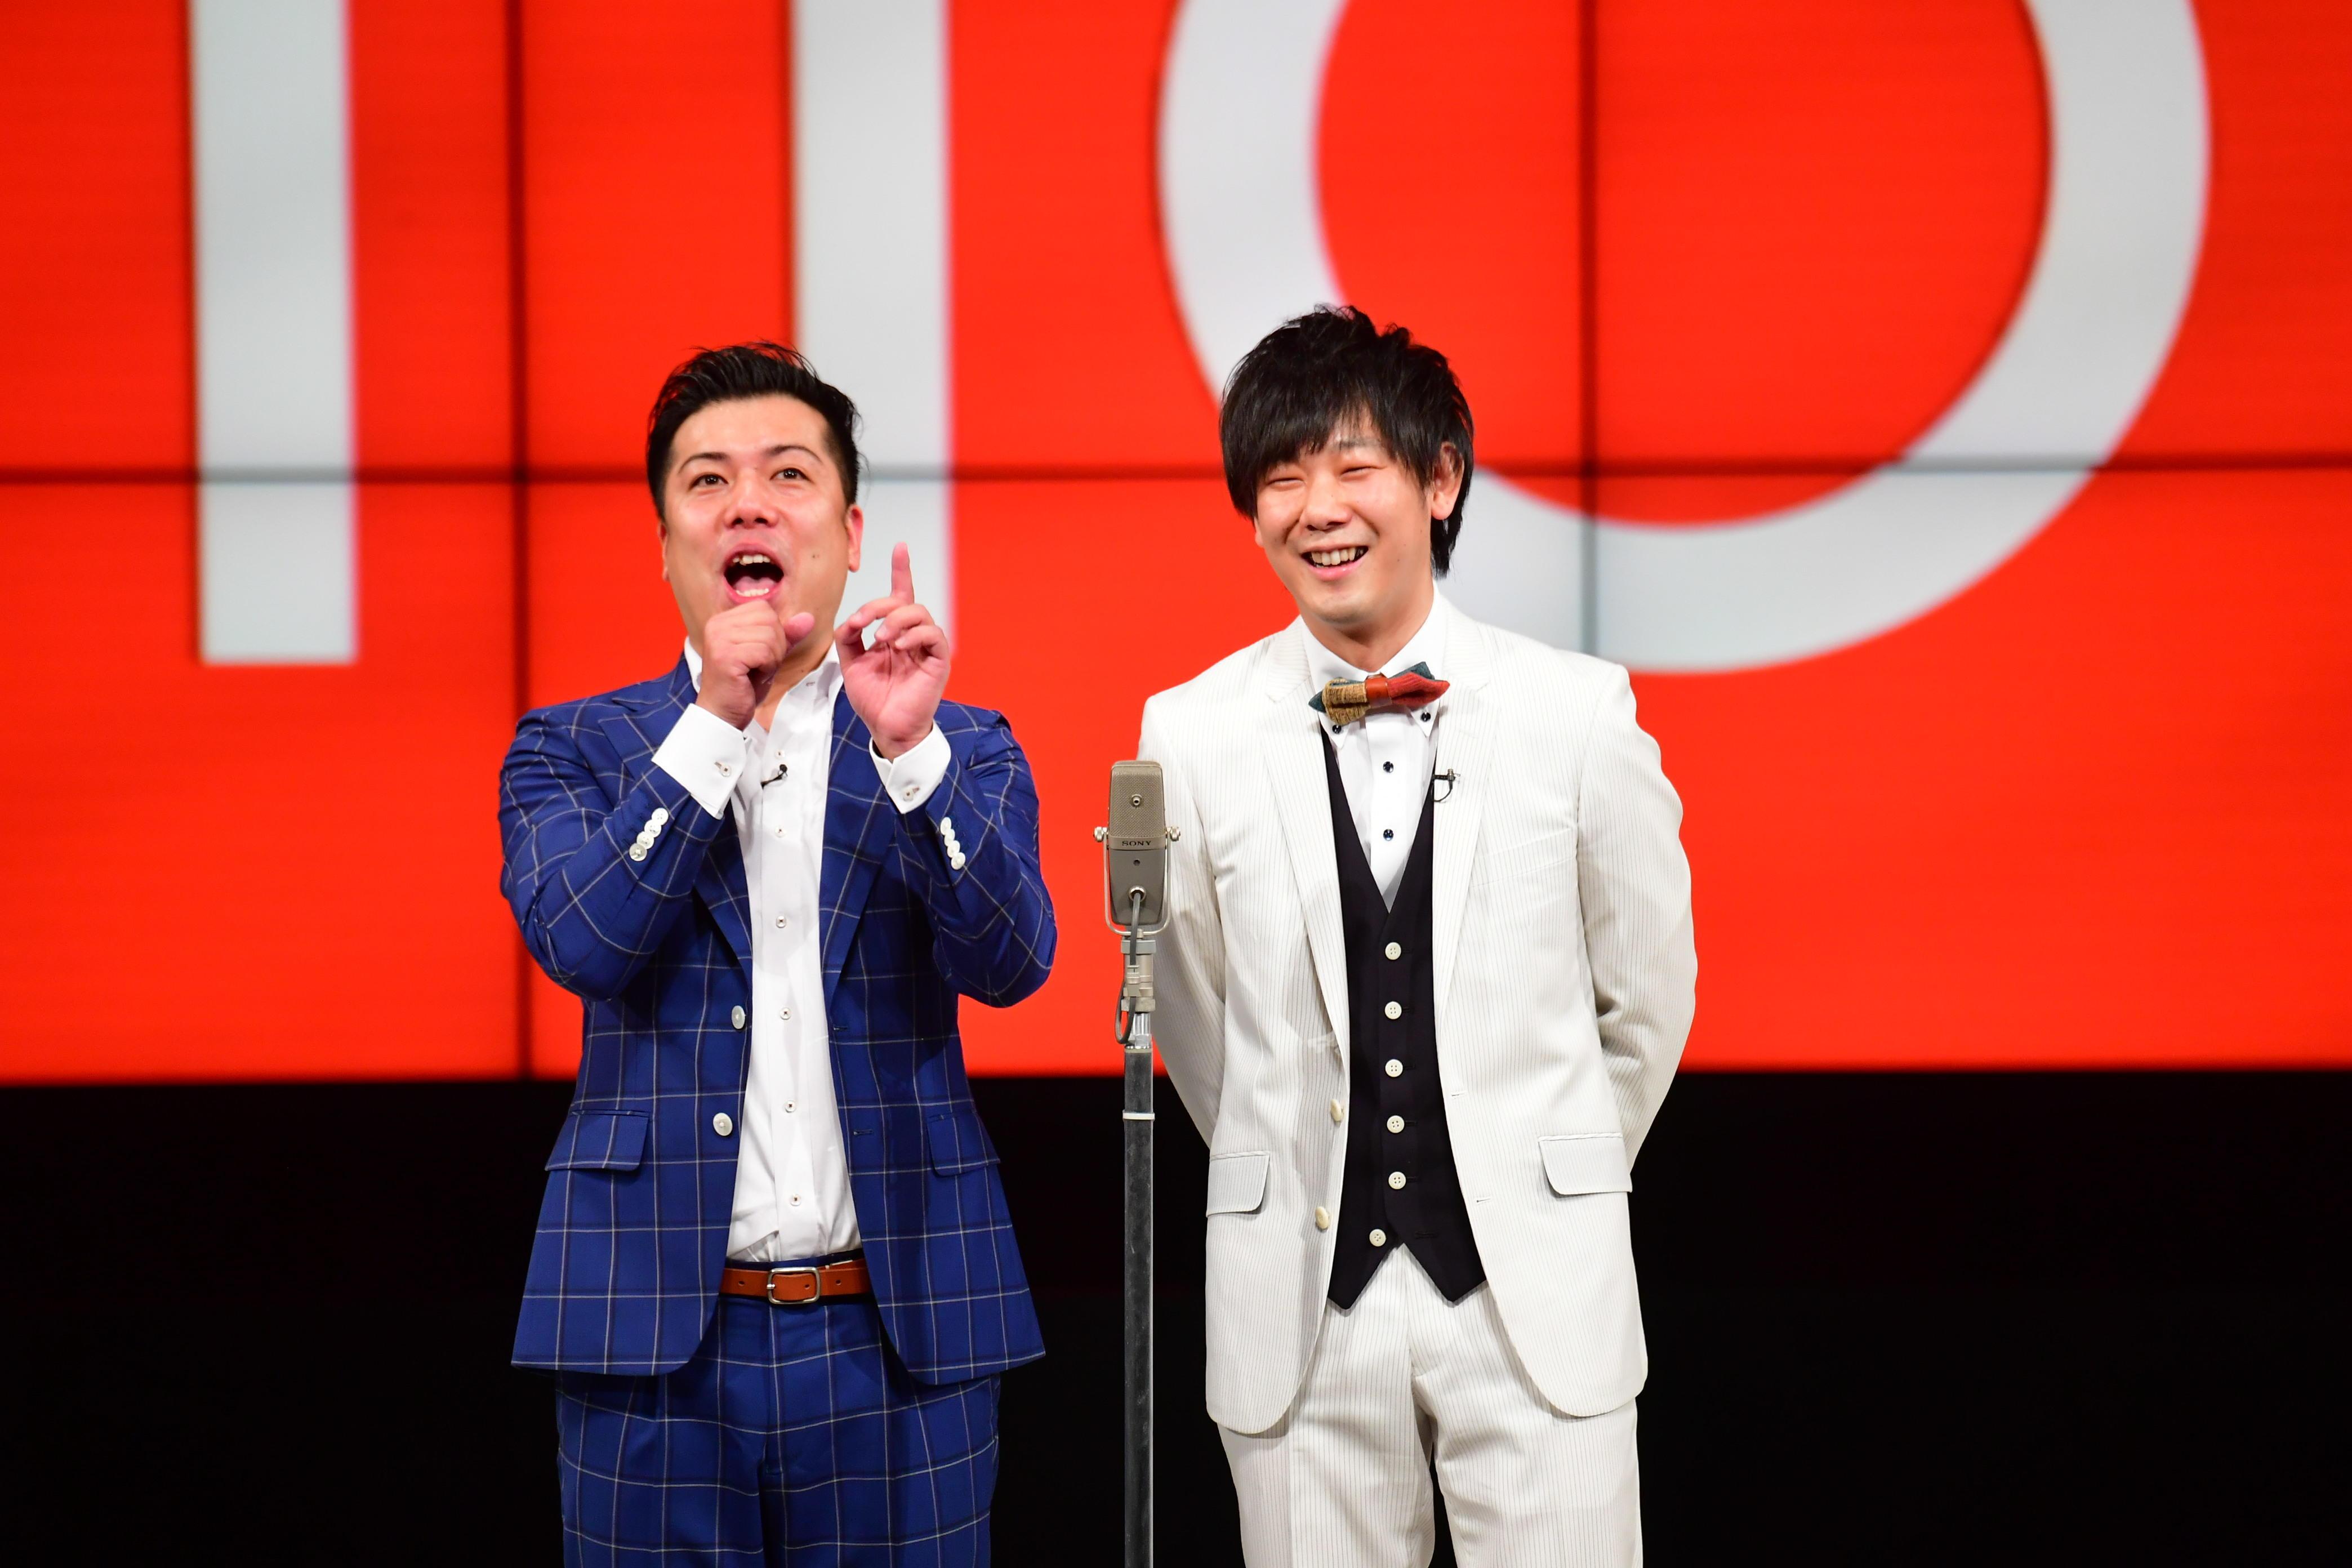 http://news.yoshimoto.co.jp/20190125205611-3217843144be41d3d53440bb7e1c4d368e14c81e.jpg